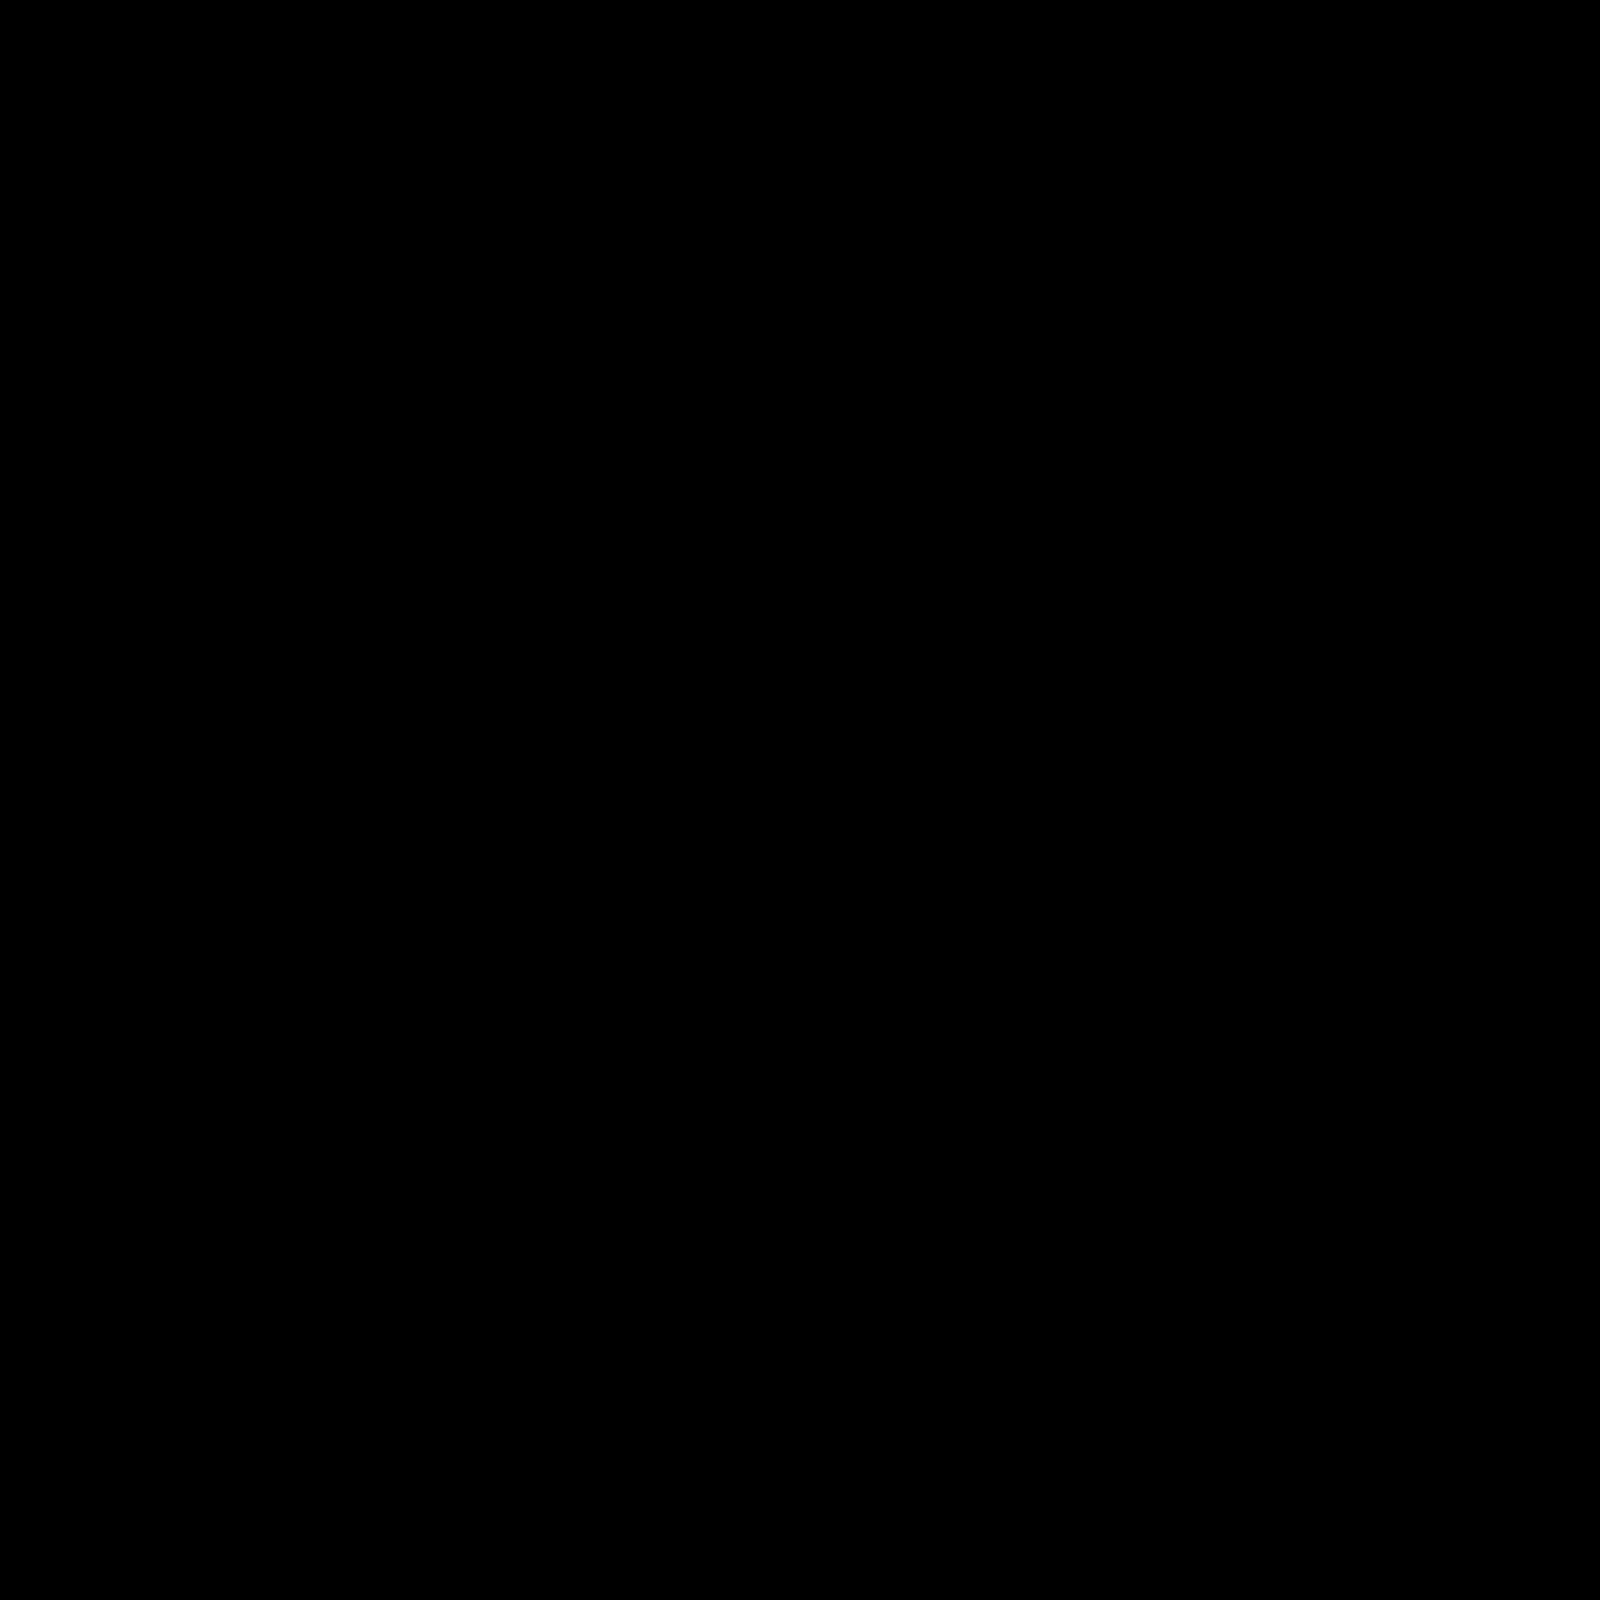 Отель со звездами  icon